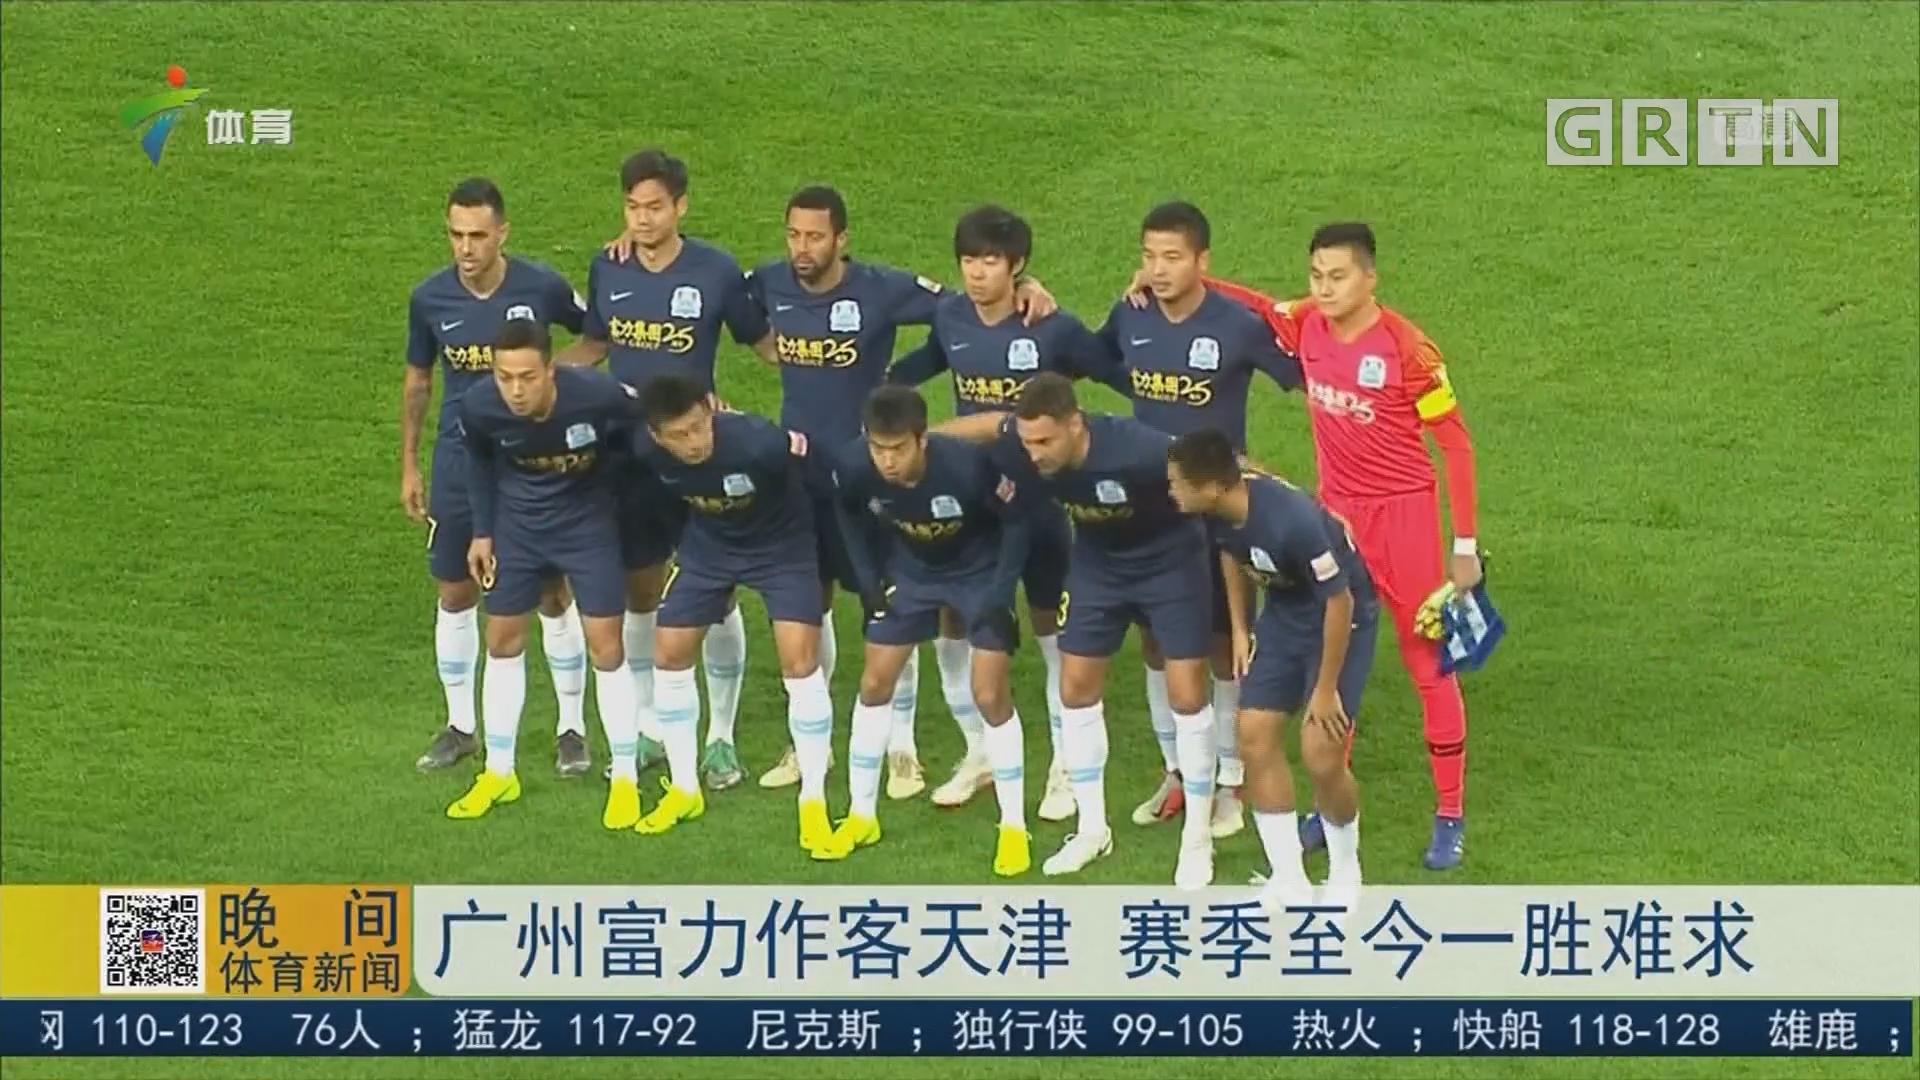 广州富力作客天津 赛季至今一胜难求